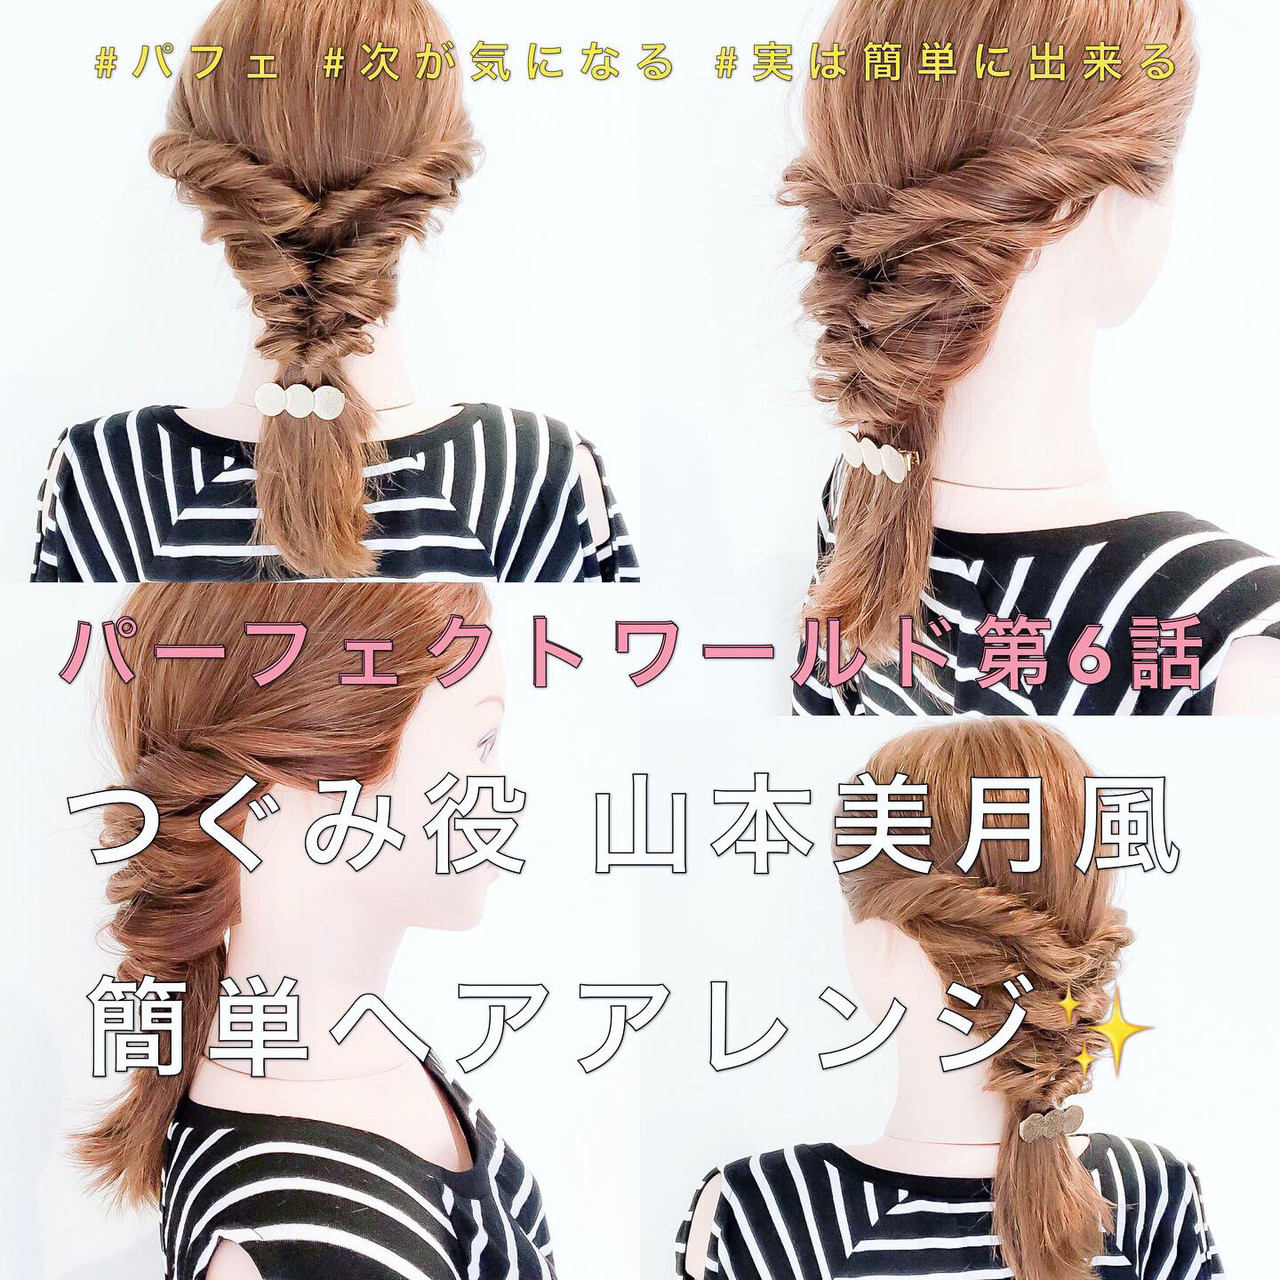 ヘアアレンジ ロング ダウンスタイル 簡単ヘアアレンジ ヘアスタイルや髪型の写真・画像